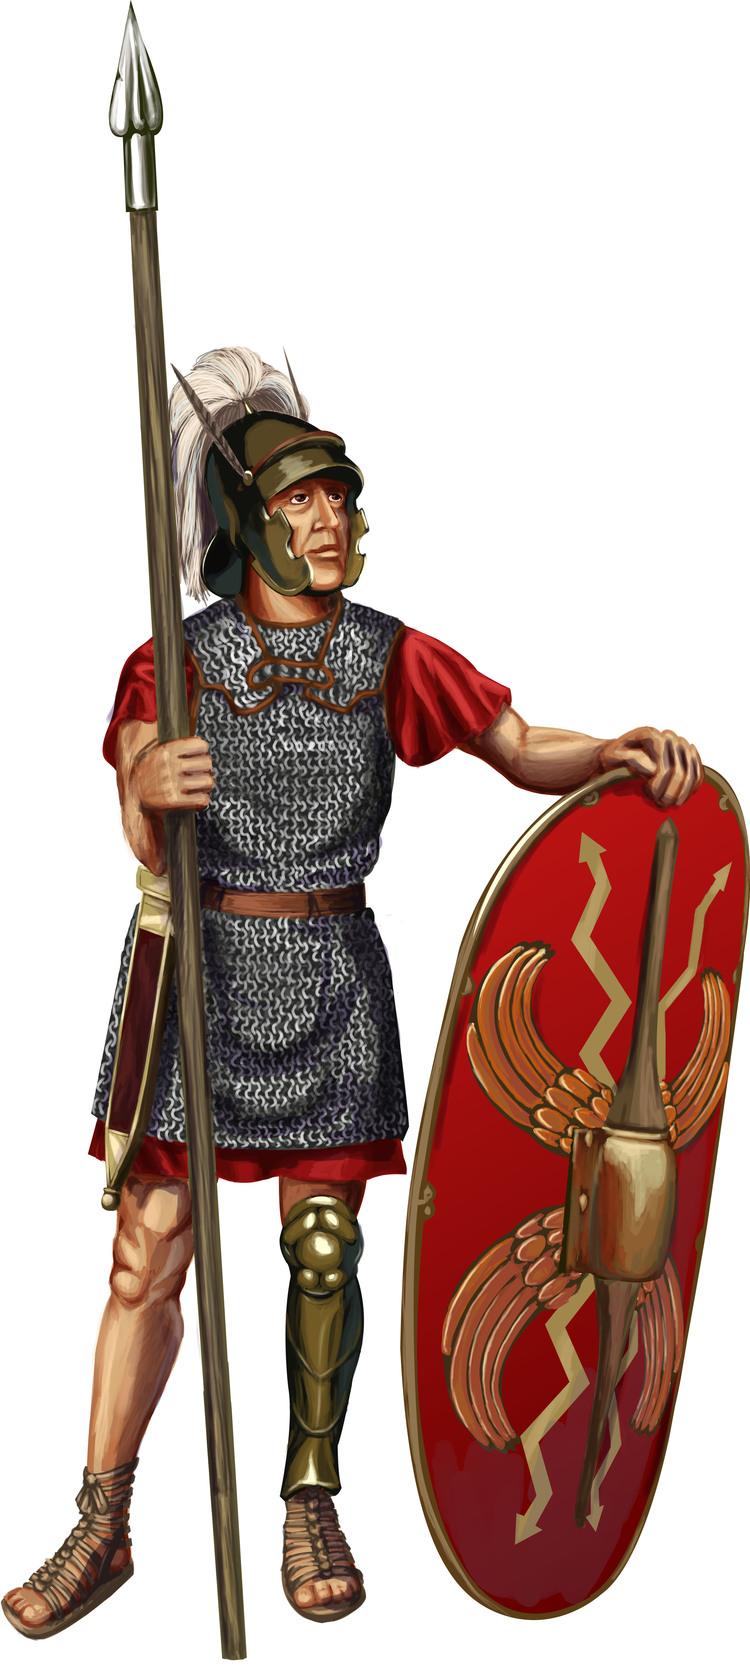 римский легионер с копьем, фото, клипарт, рисунок